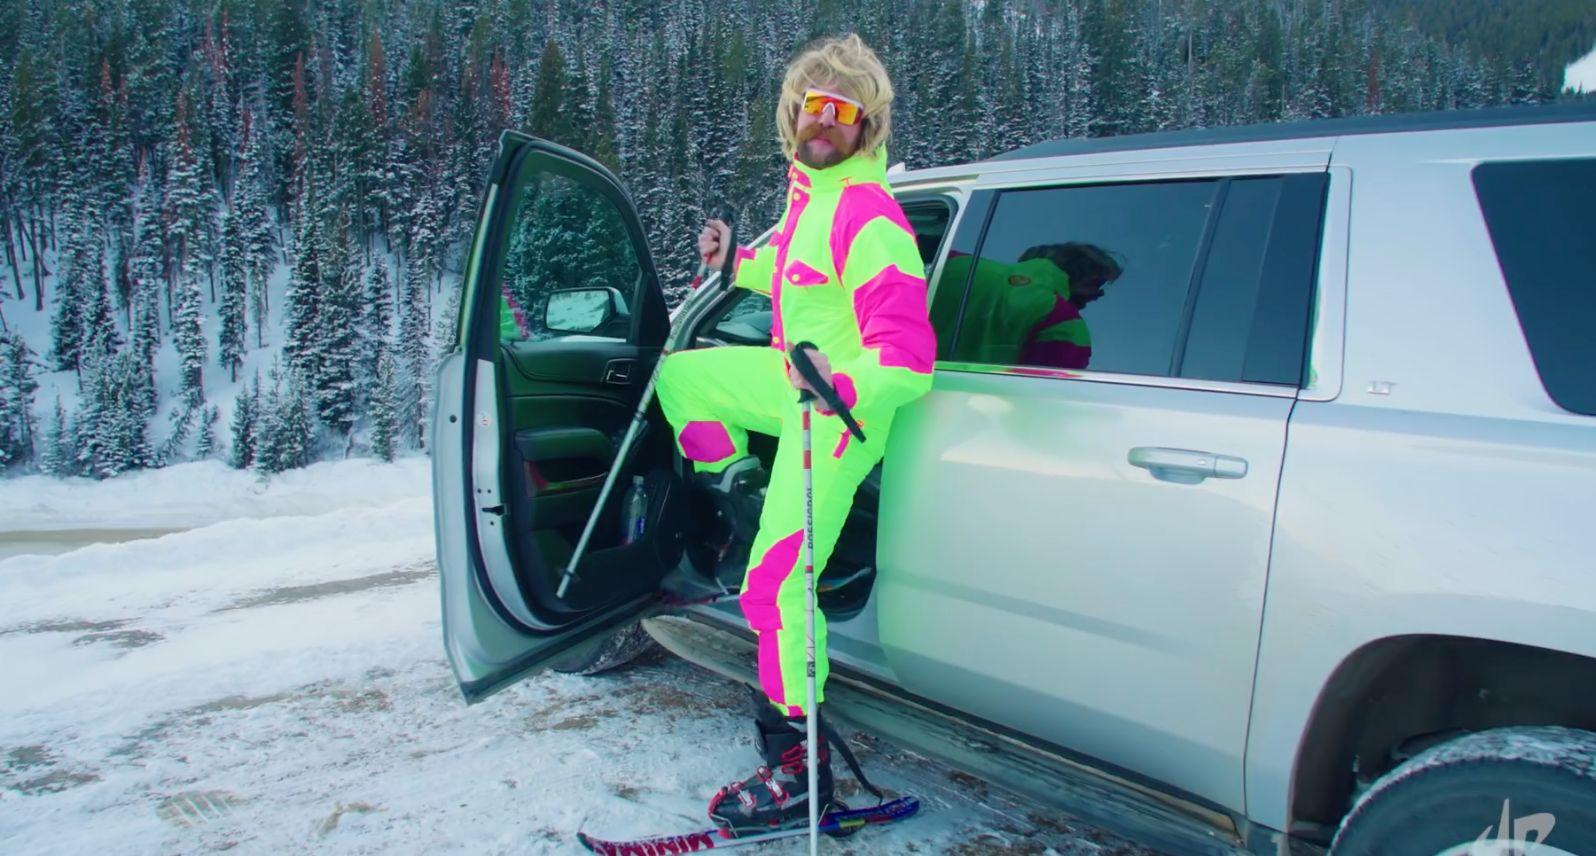 Welk stereotype skiër/snowboarder ben jij?